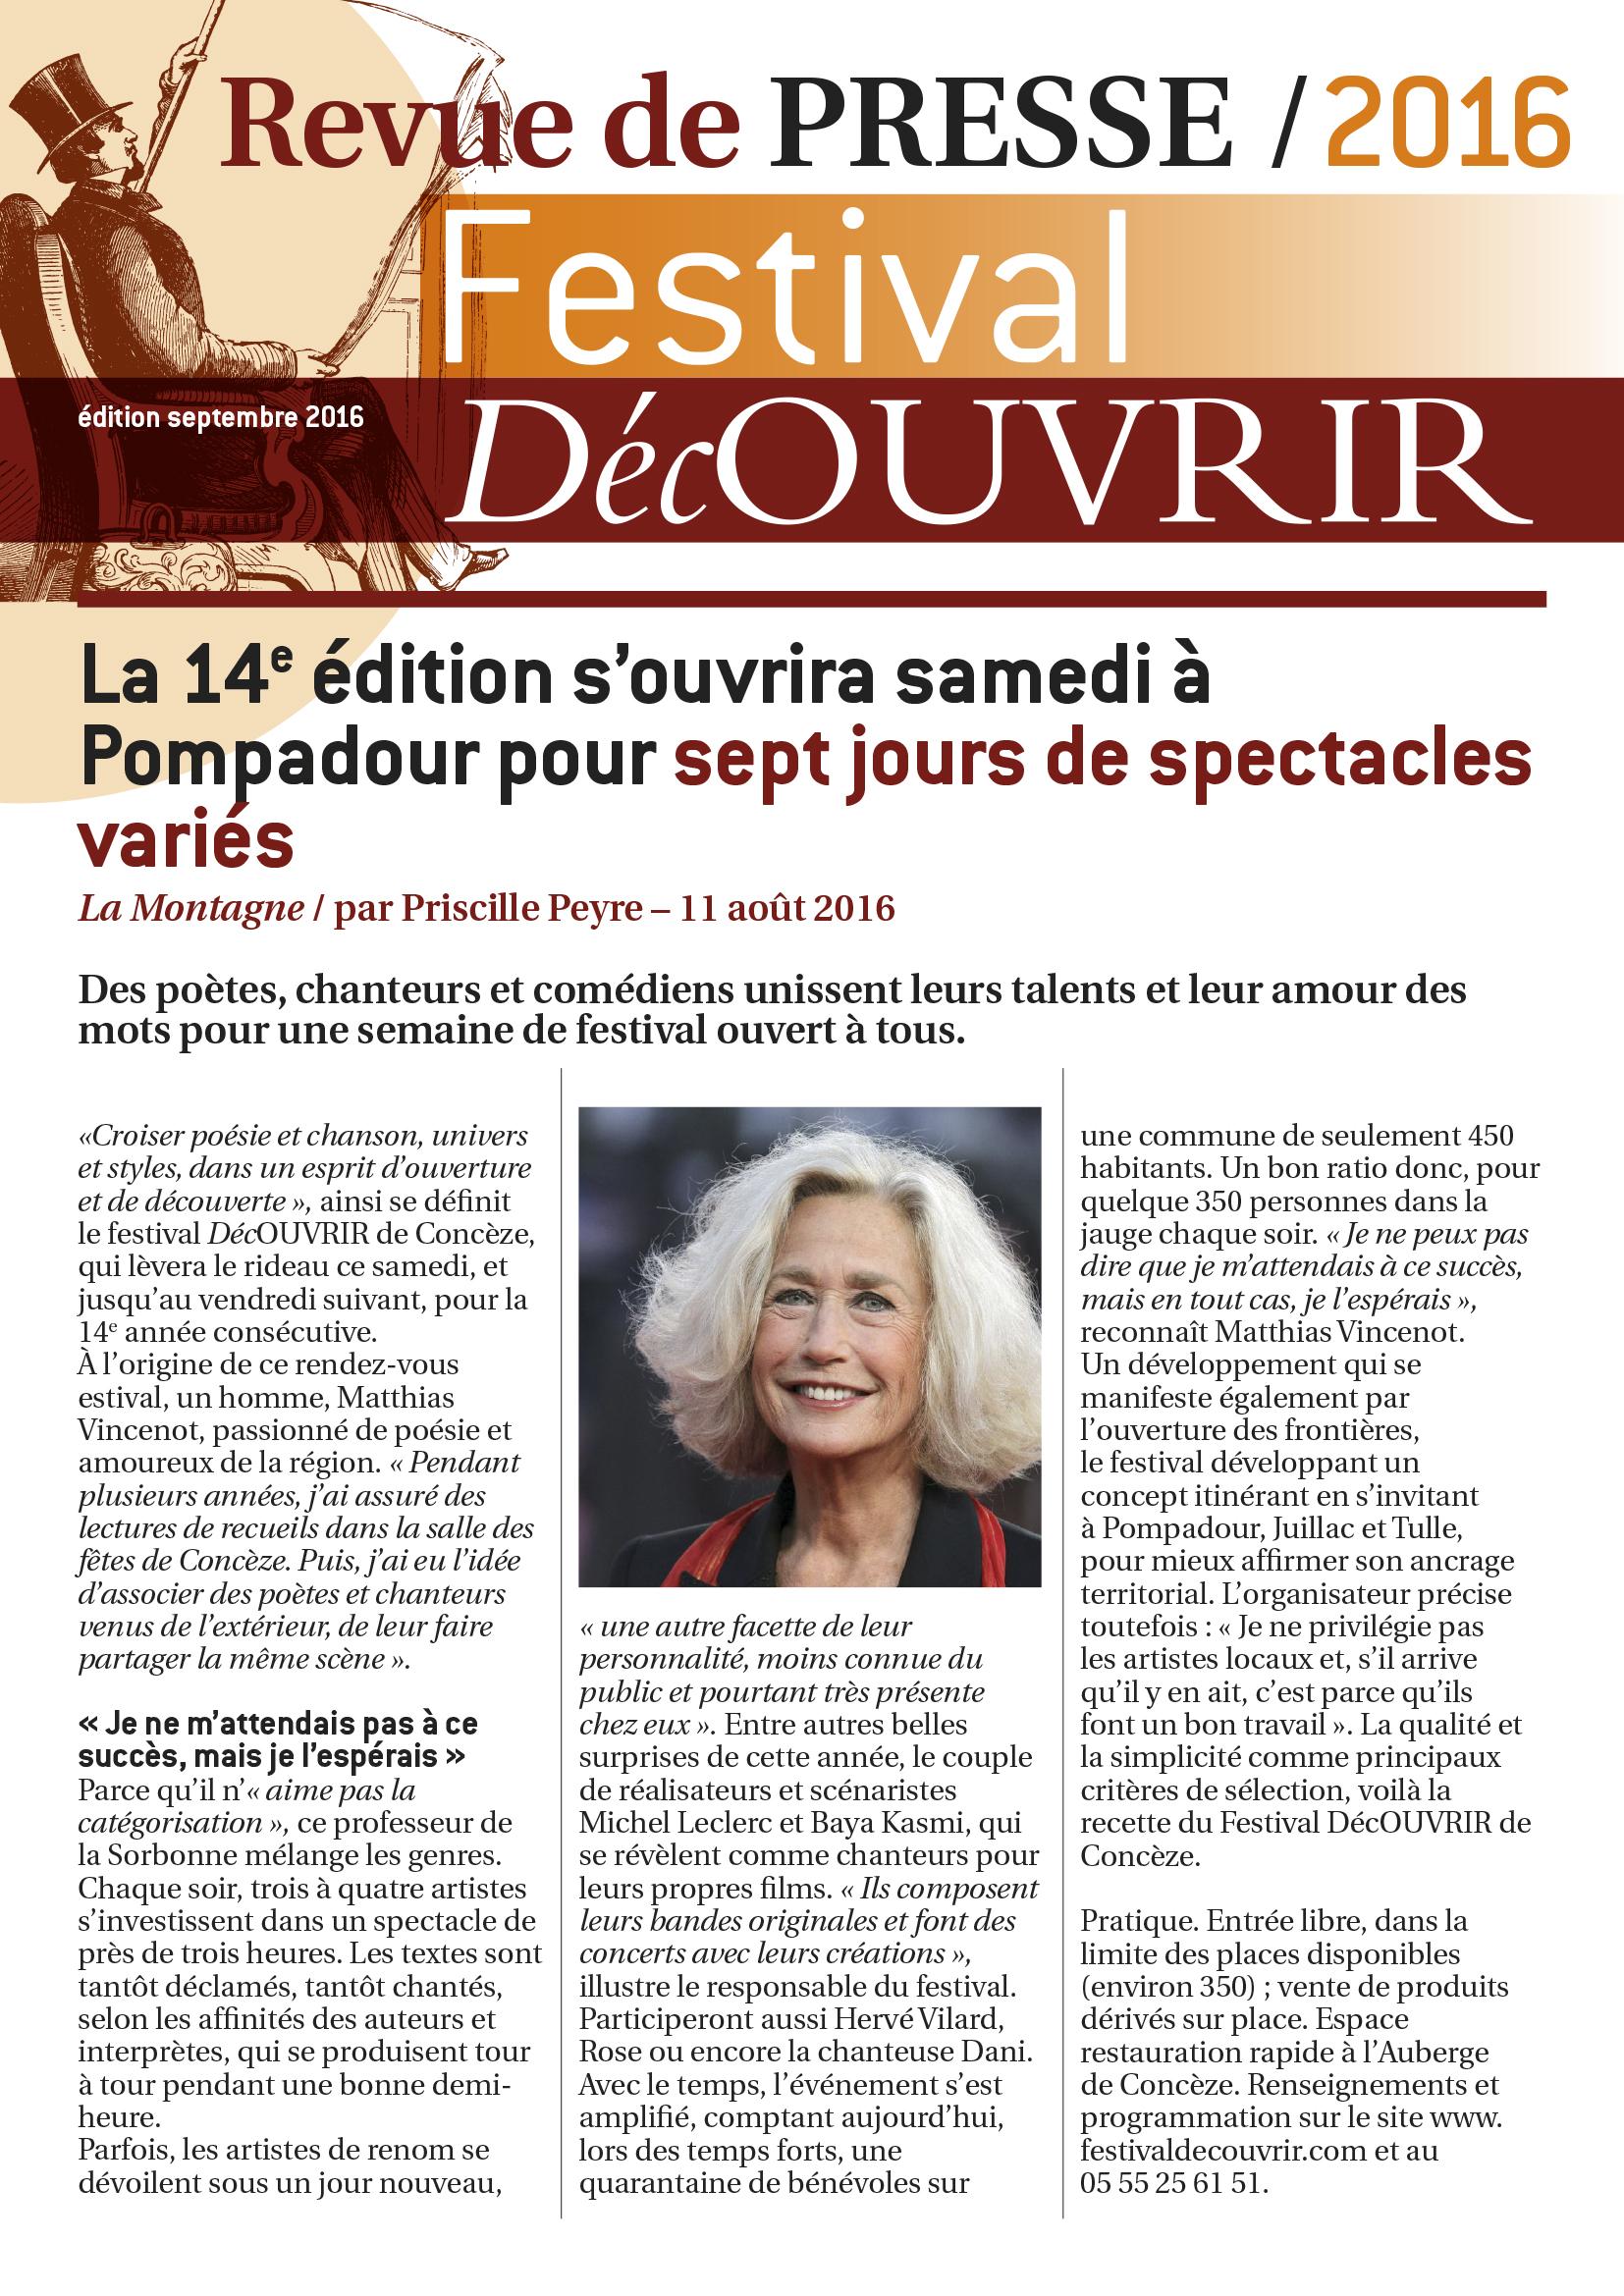 Revue de Presse FDC 2016-1